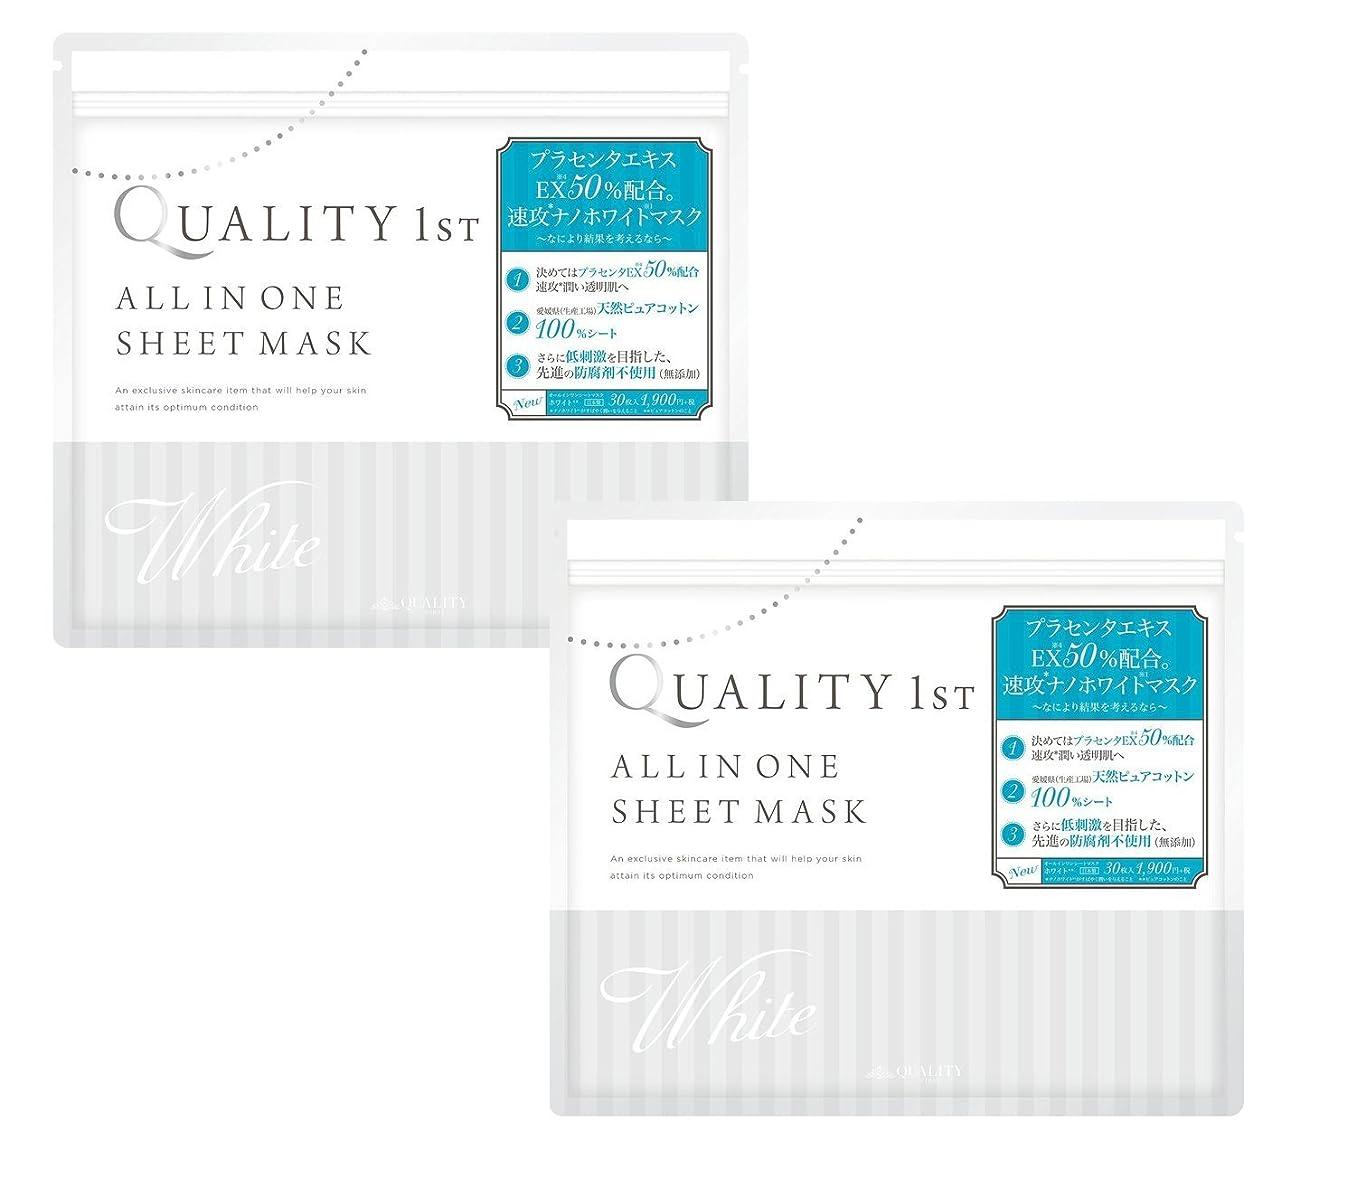 アライメント矩形図書館オールインワン シートマスク ホワイト 30枚 2個セット